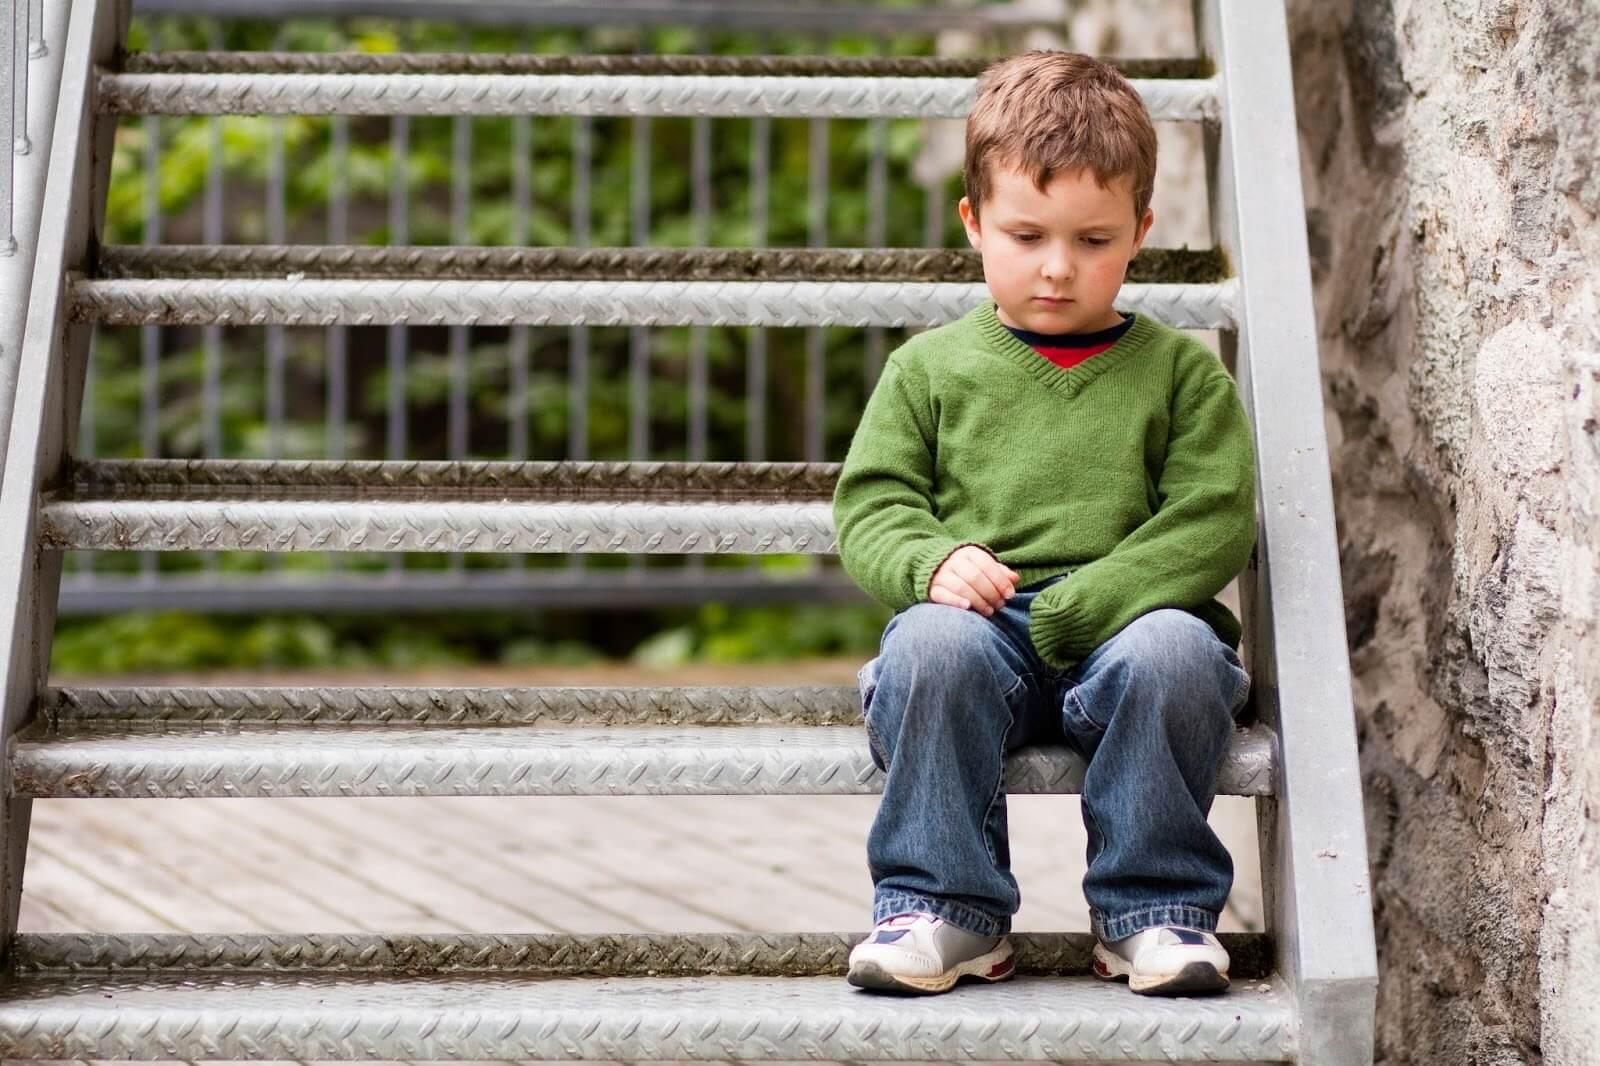 Как рассчитать алименты на ребенка от зарплаты: пример расчета на одного, двоих, троих детей